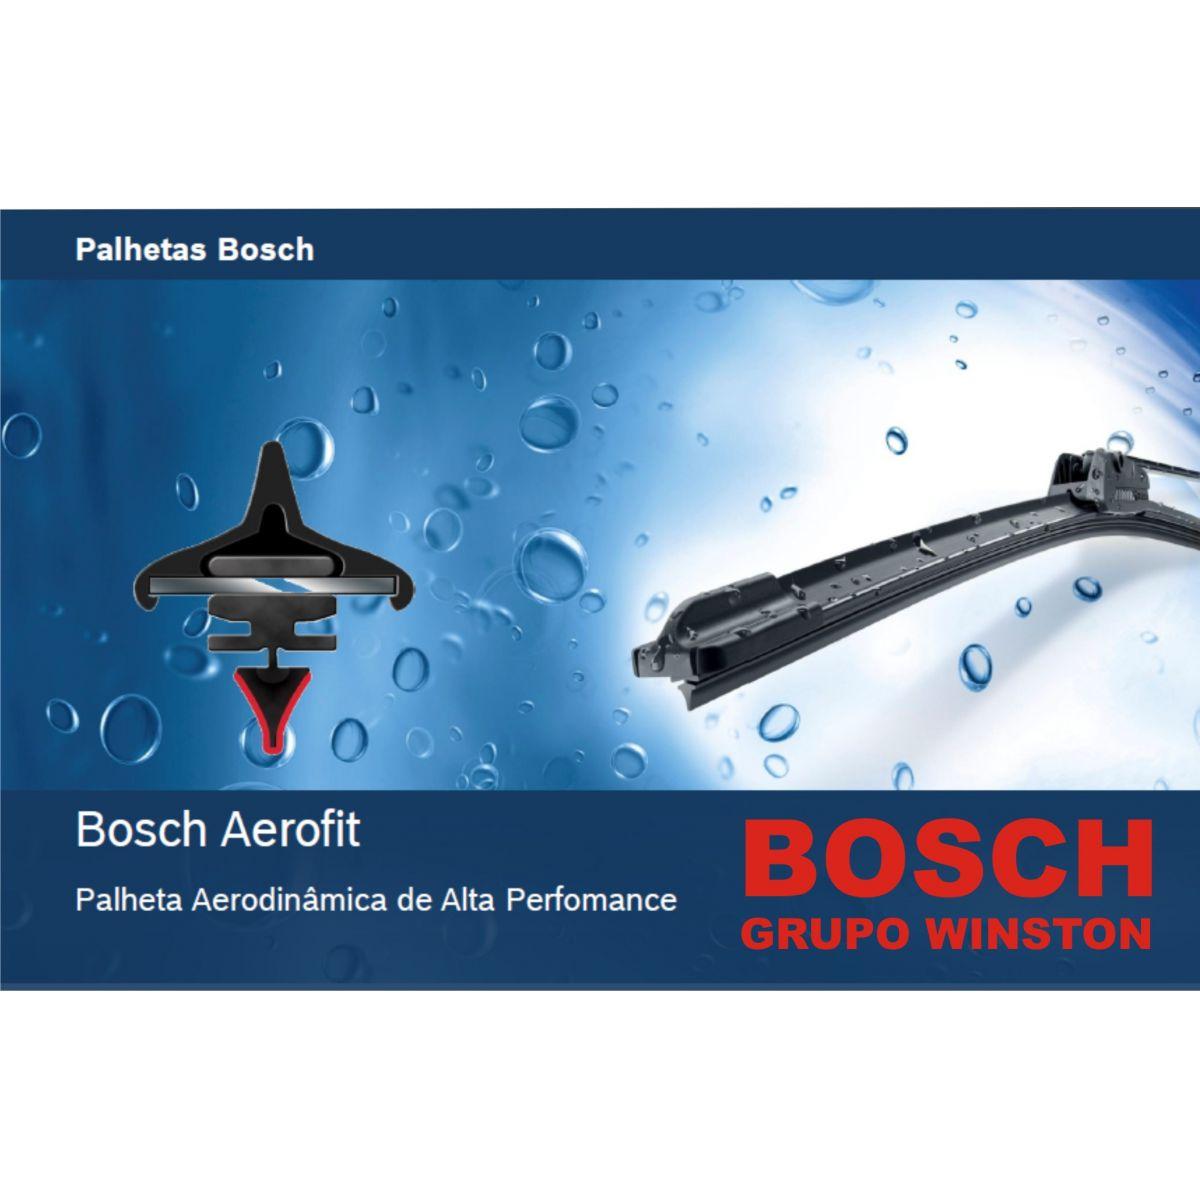 Palheta Bosch Aerofit Limpador de para brisa Bosch SUBARU Forester Legacy Outback